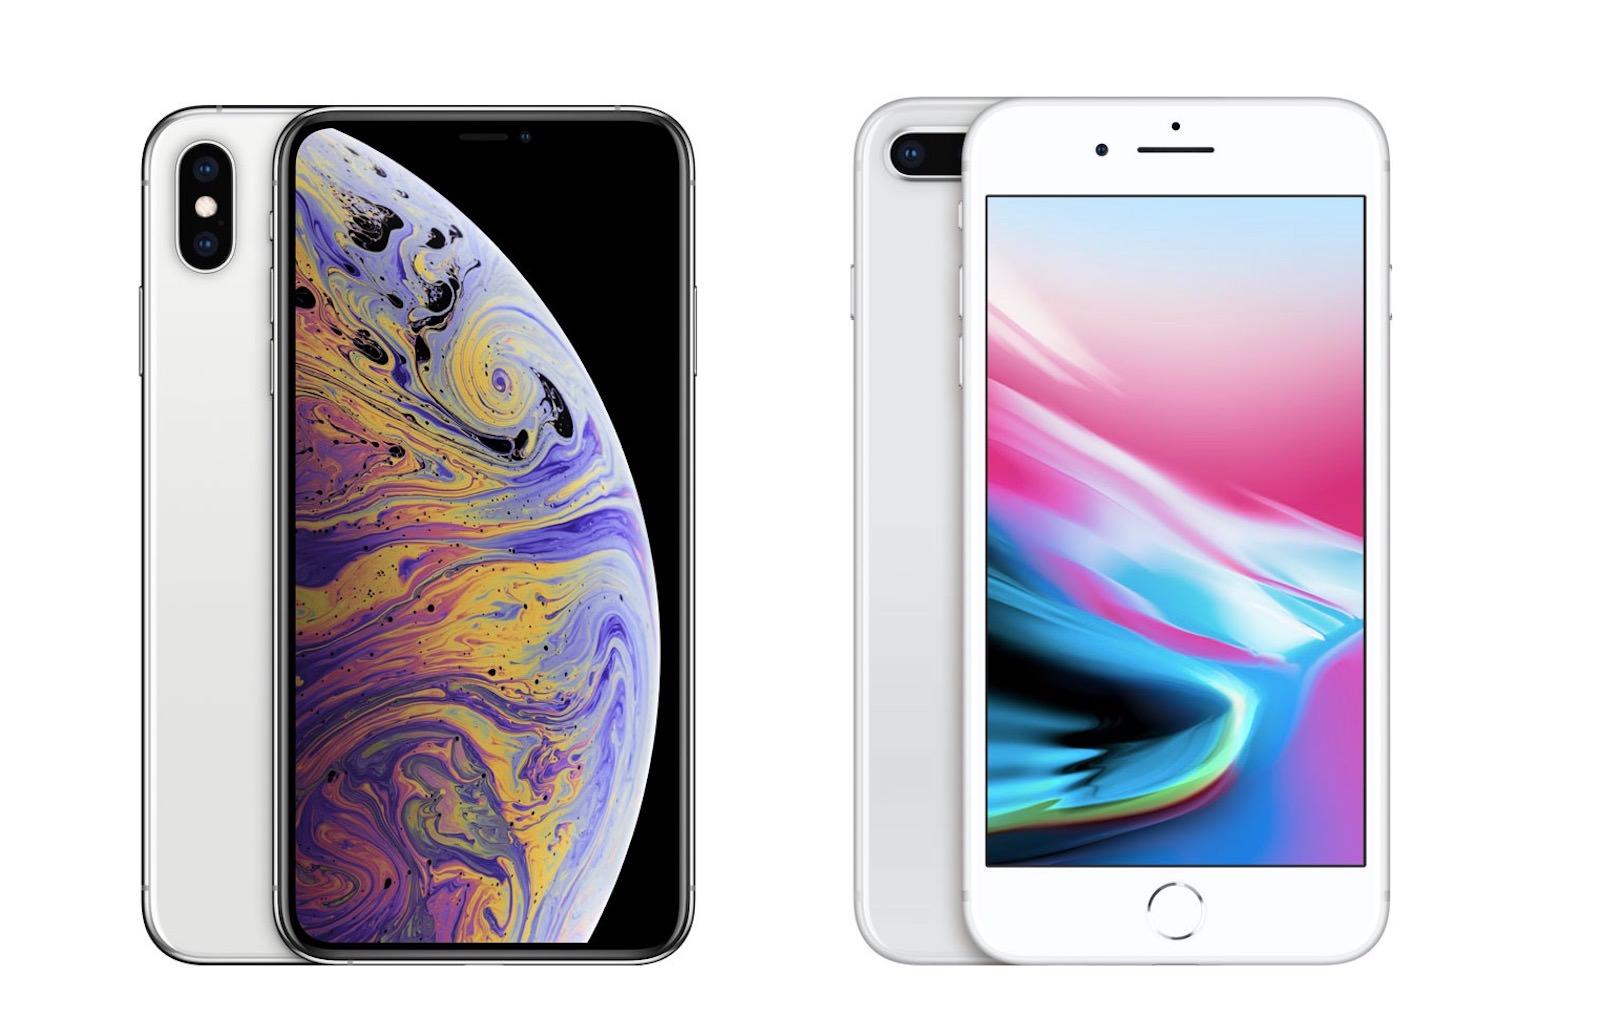 比較】「iPhone XS Max」と「iPhone 8 Plus」、どこが変わった ...